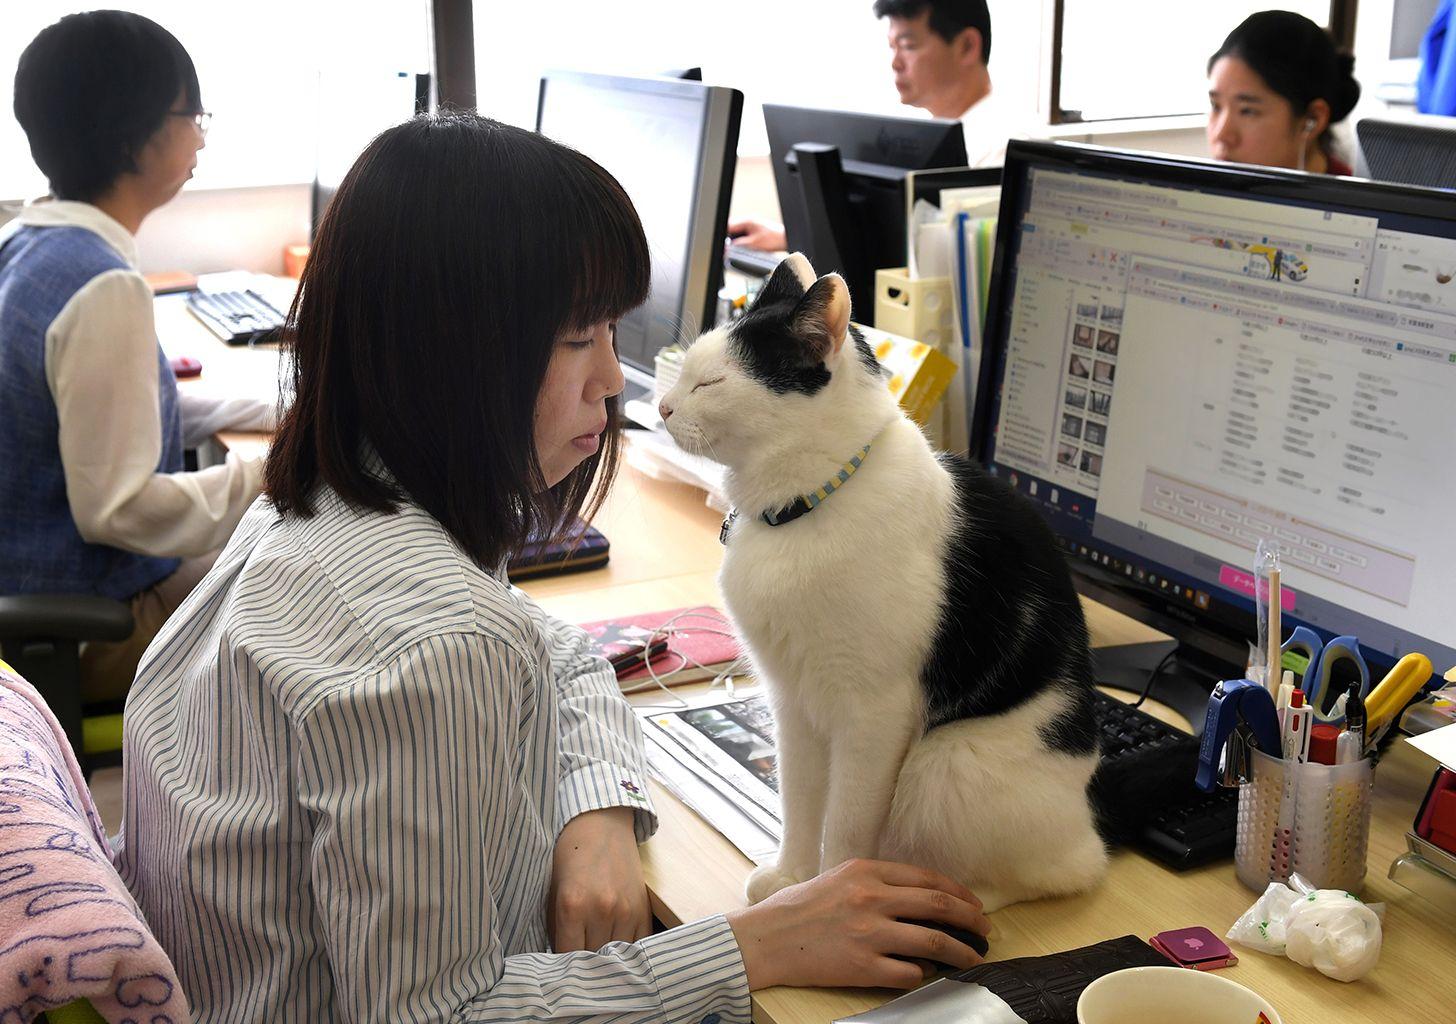 MAČKE U FIRMI SMANjUJU STRES – PRIMER IZ JAPANA